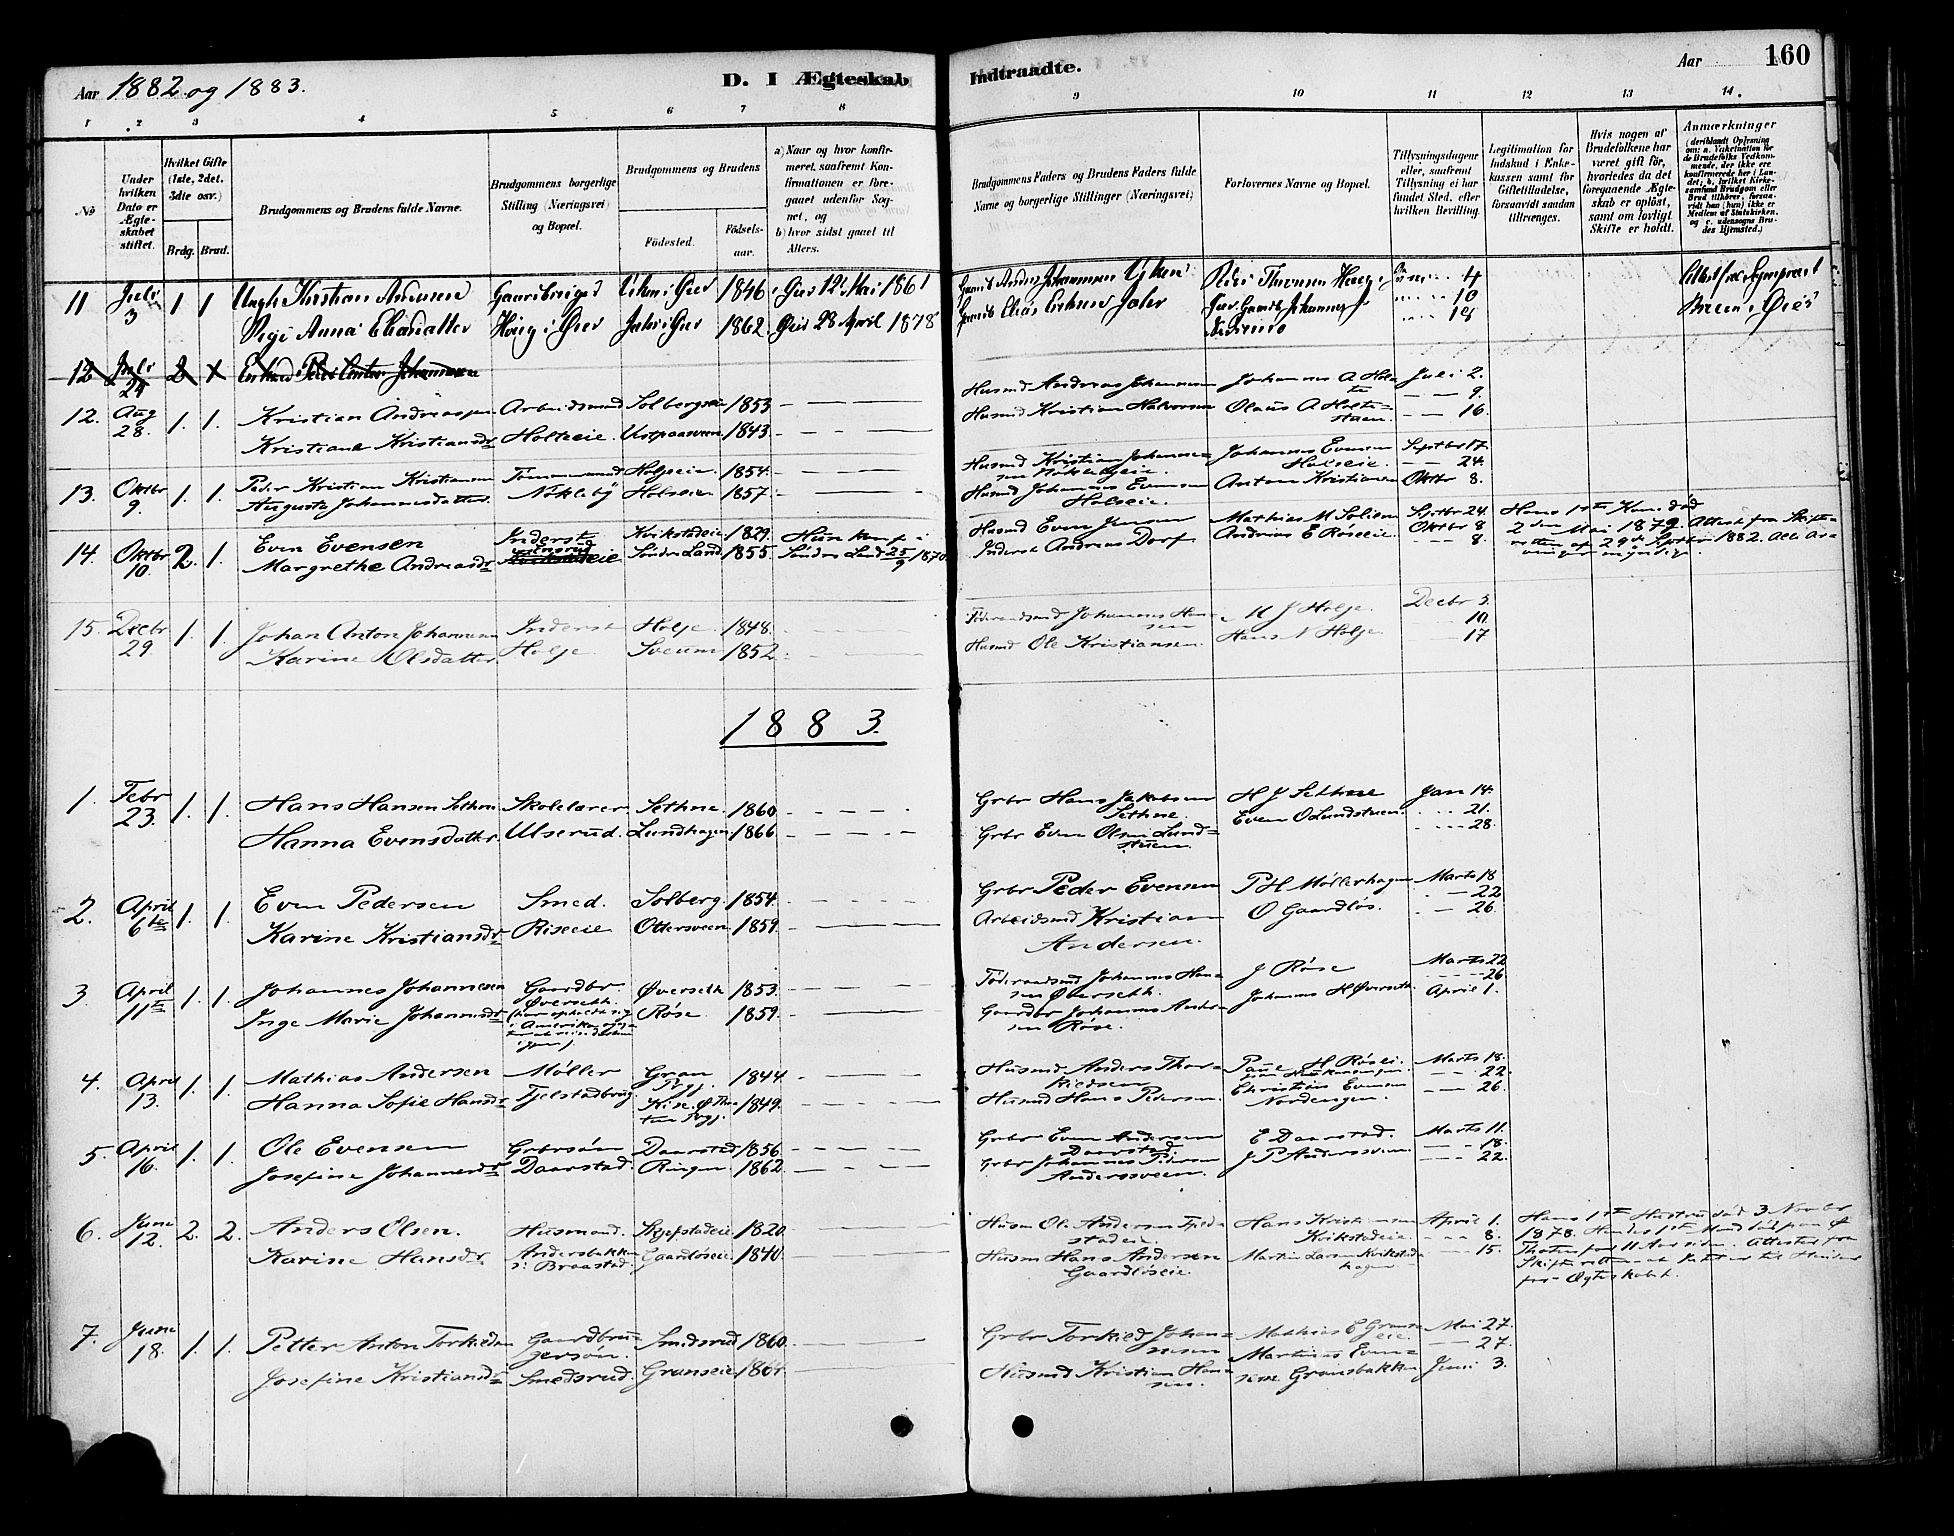 SAH, Vestre Toten prestekontor, Ministerialbok nr. 10, 1878-1894, s. 160